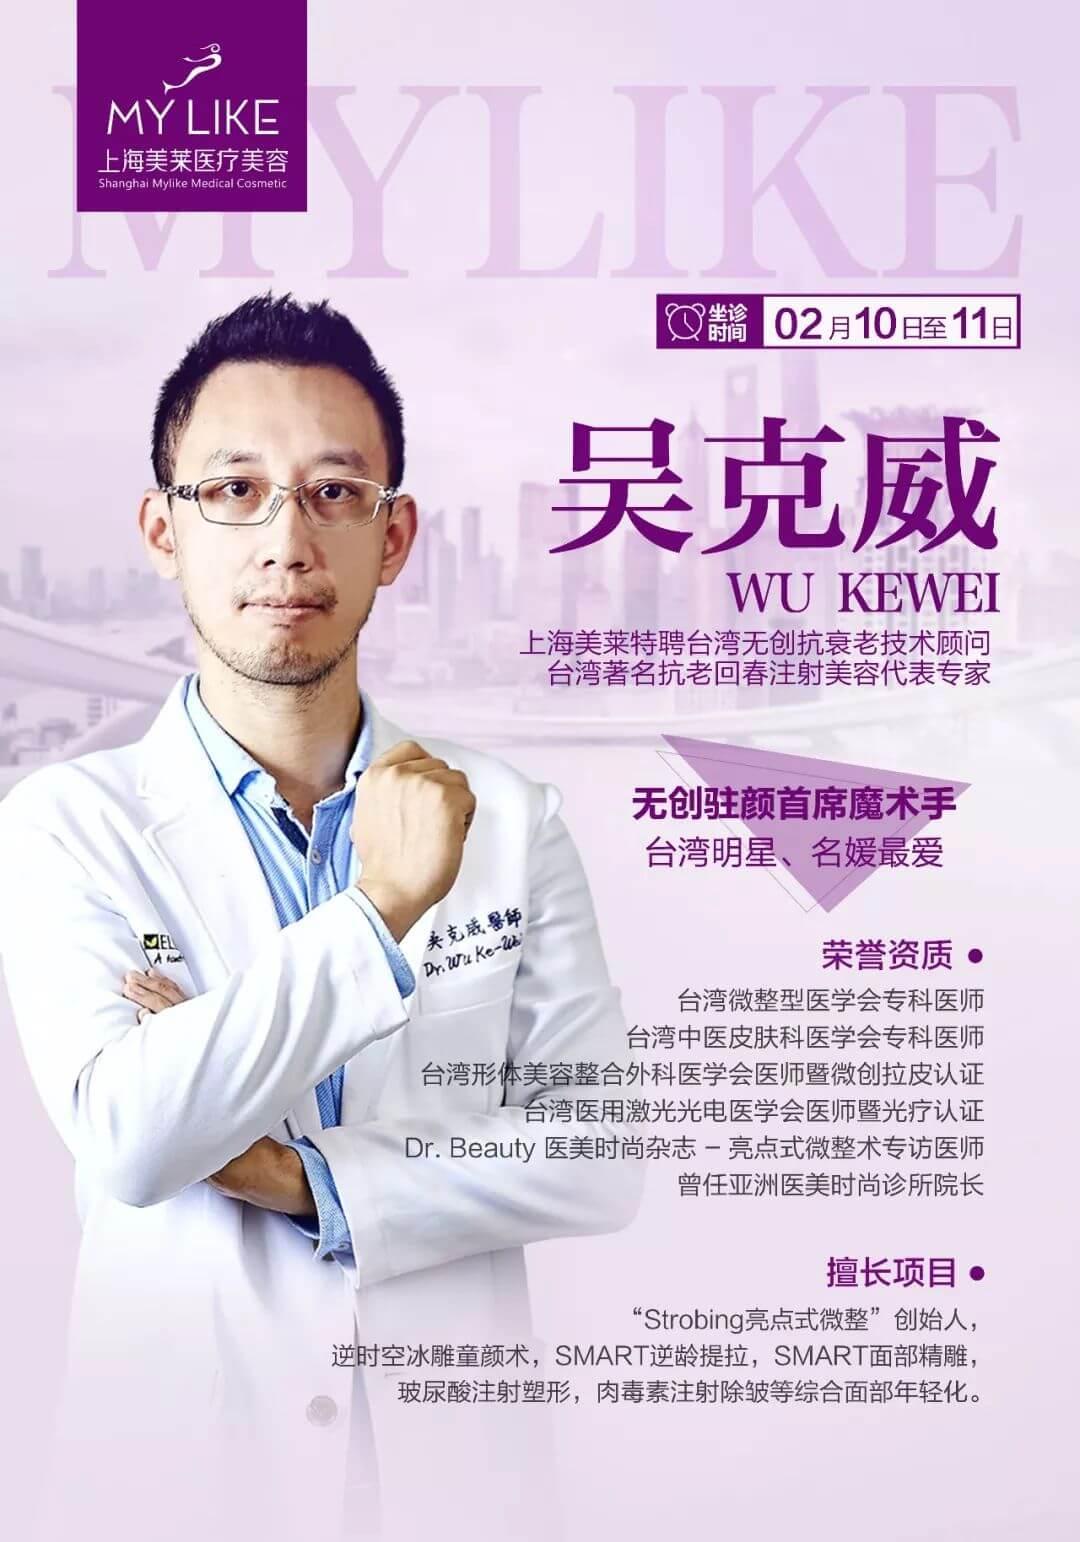 2月10日、11日上海美莱有台湾有名抗衰专家吴克威坐诊